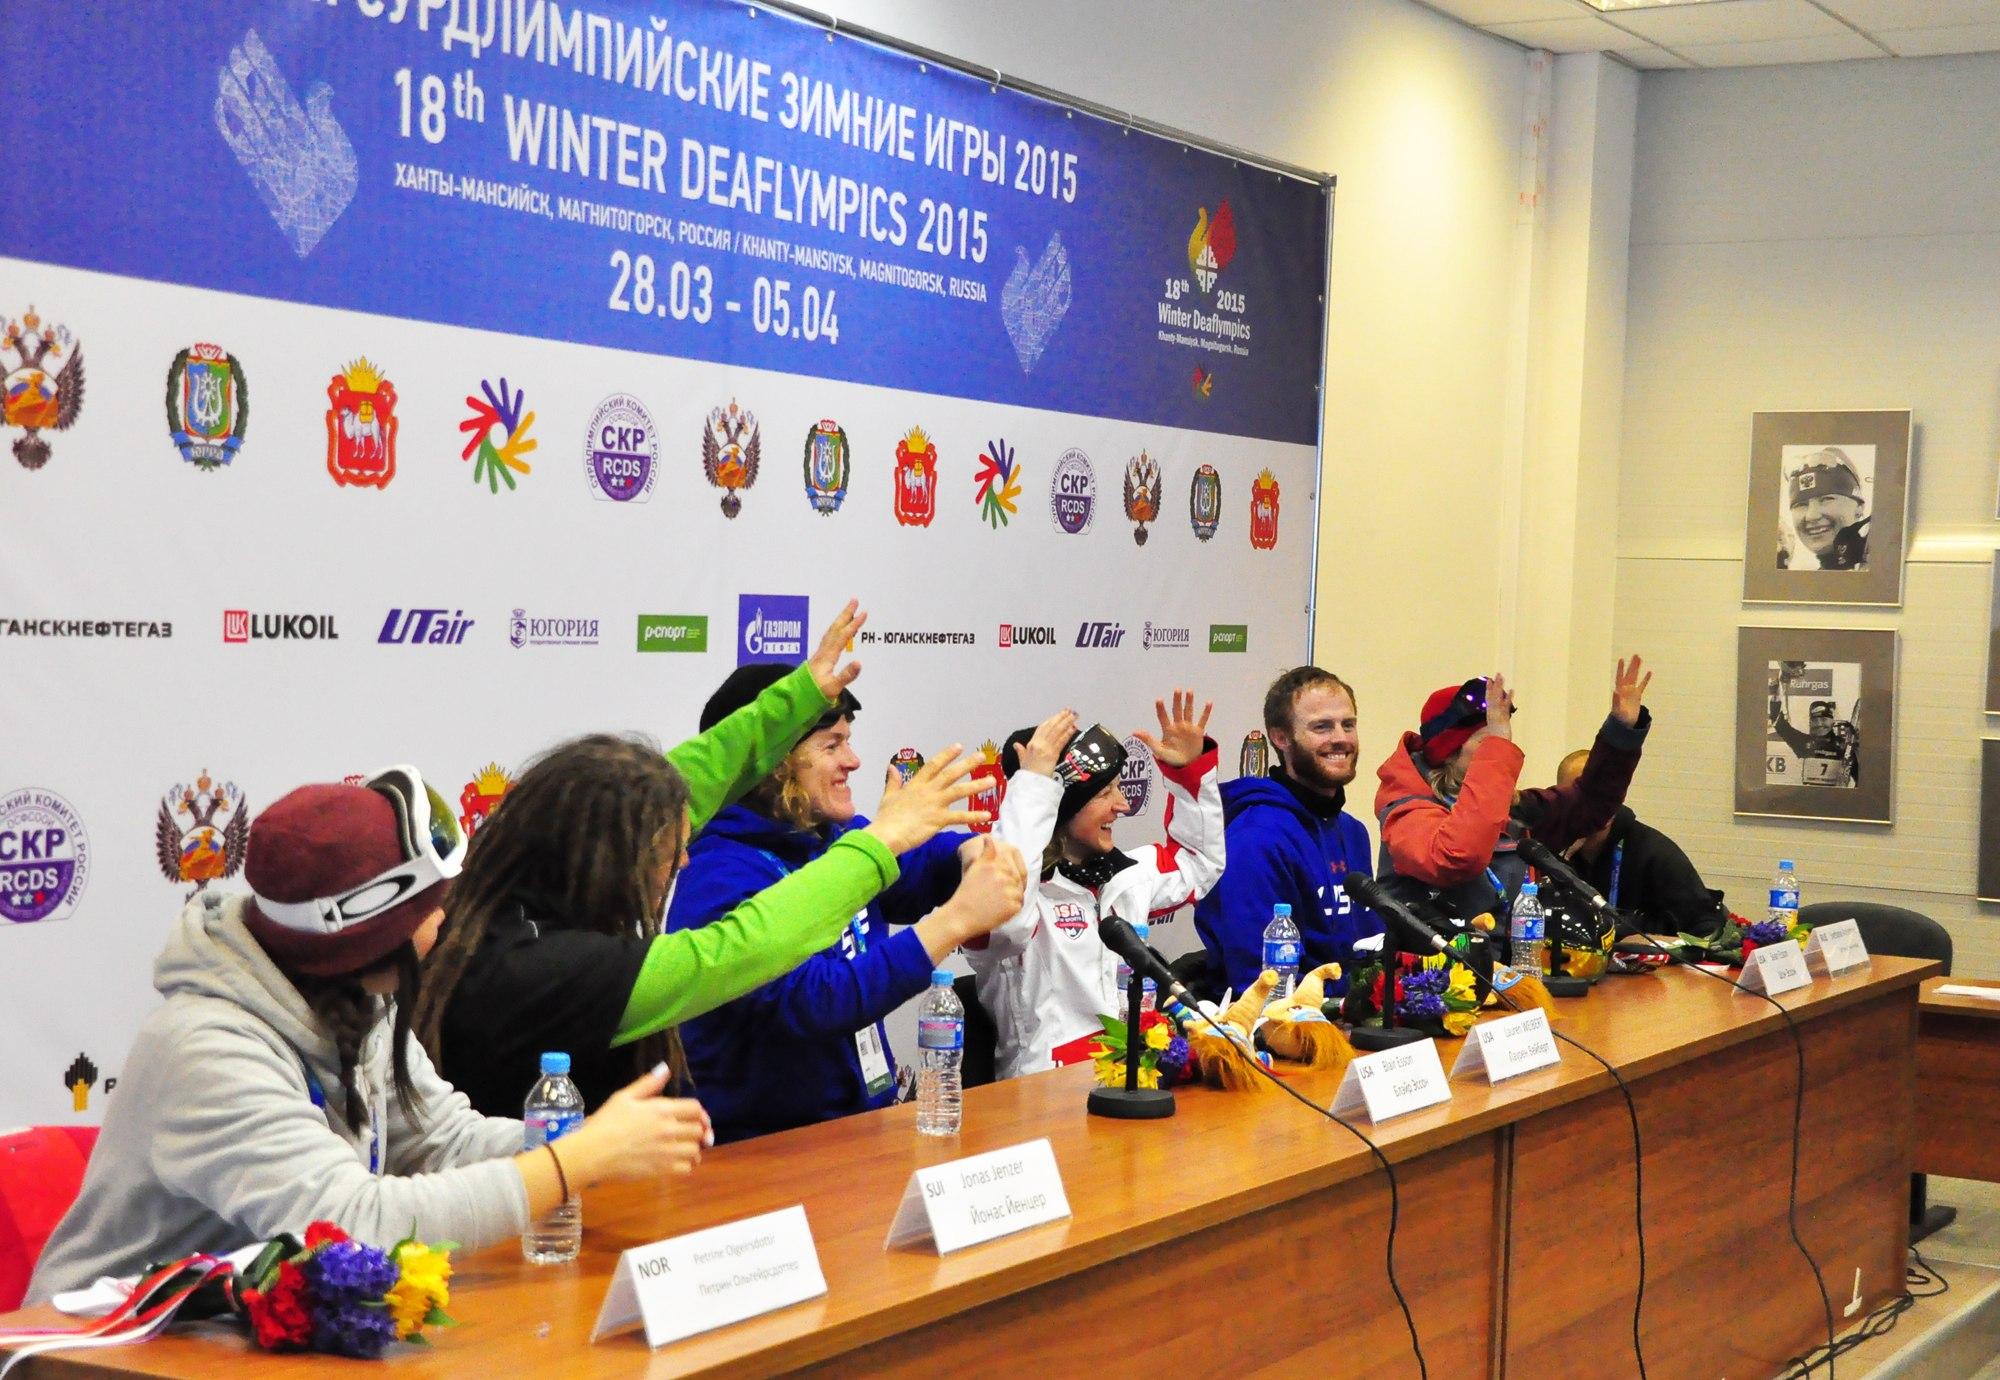 Пресс - конференция Сурдлимпийские игры в Ханты-Мансийске